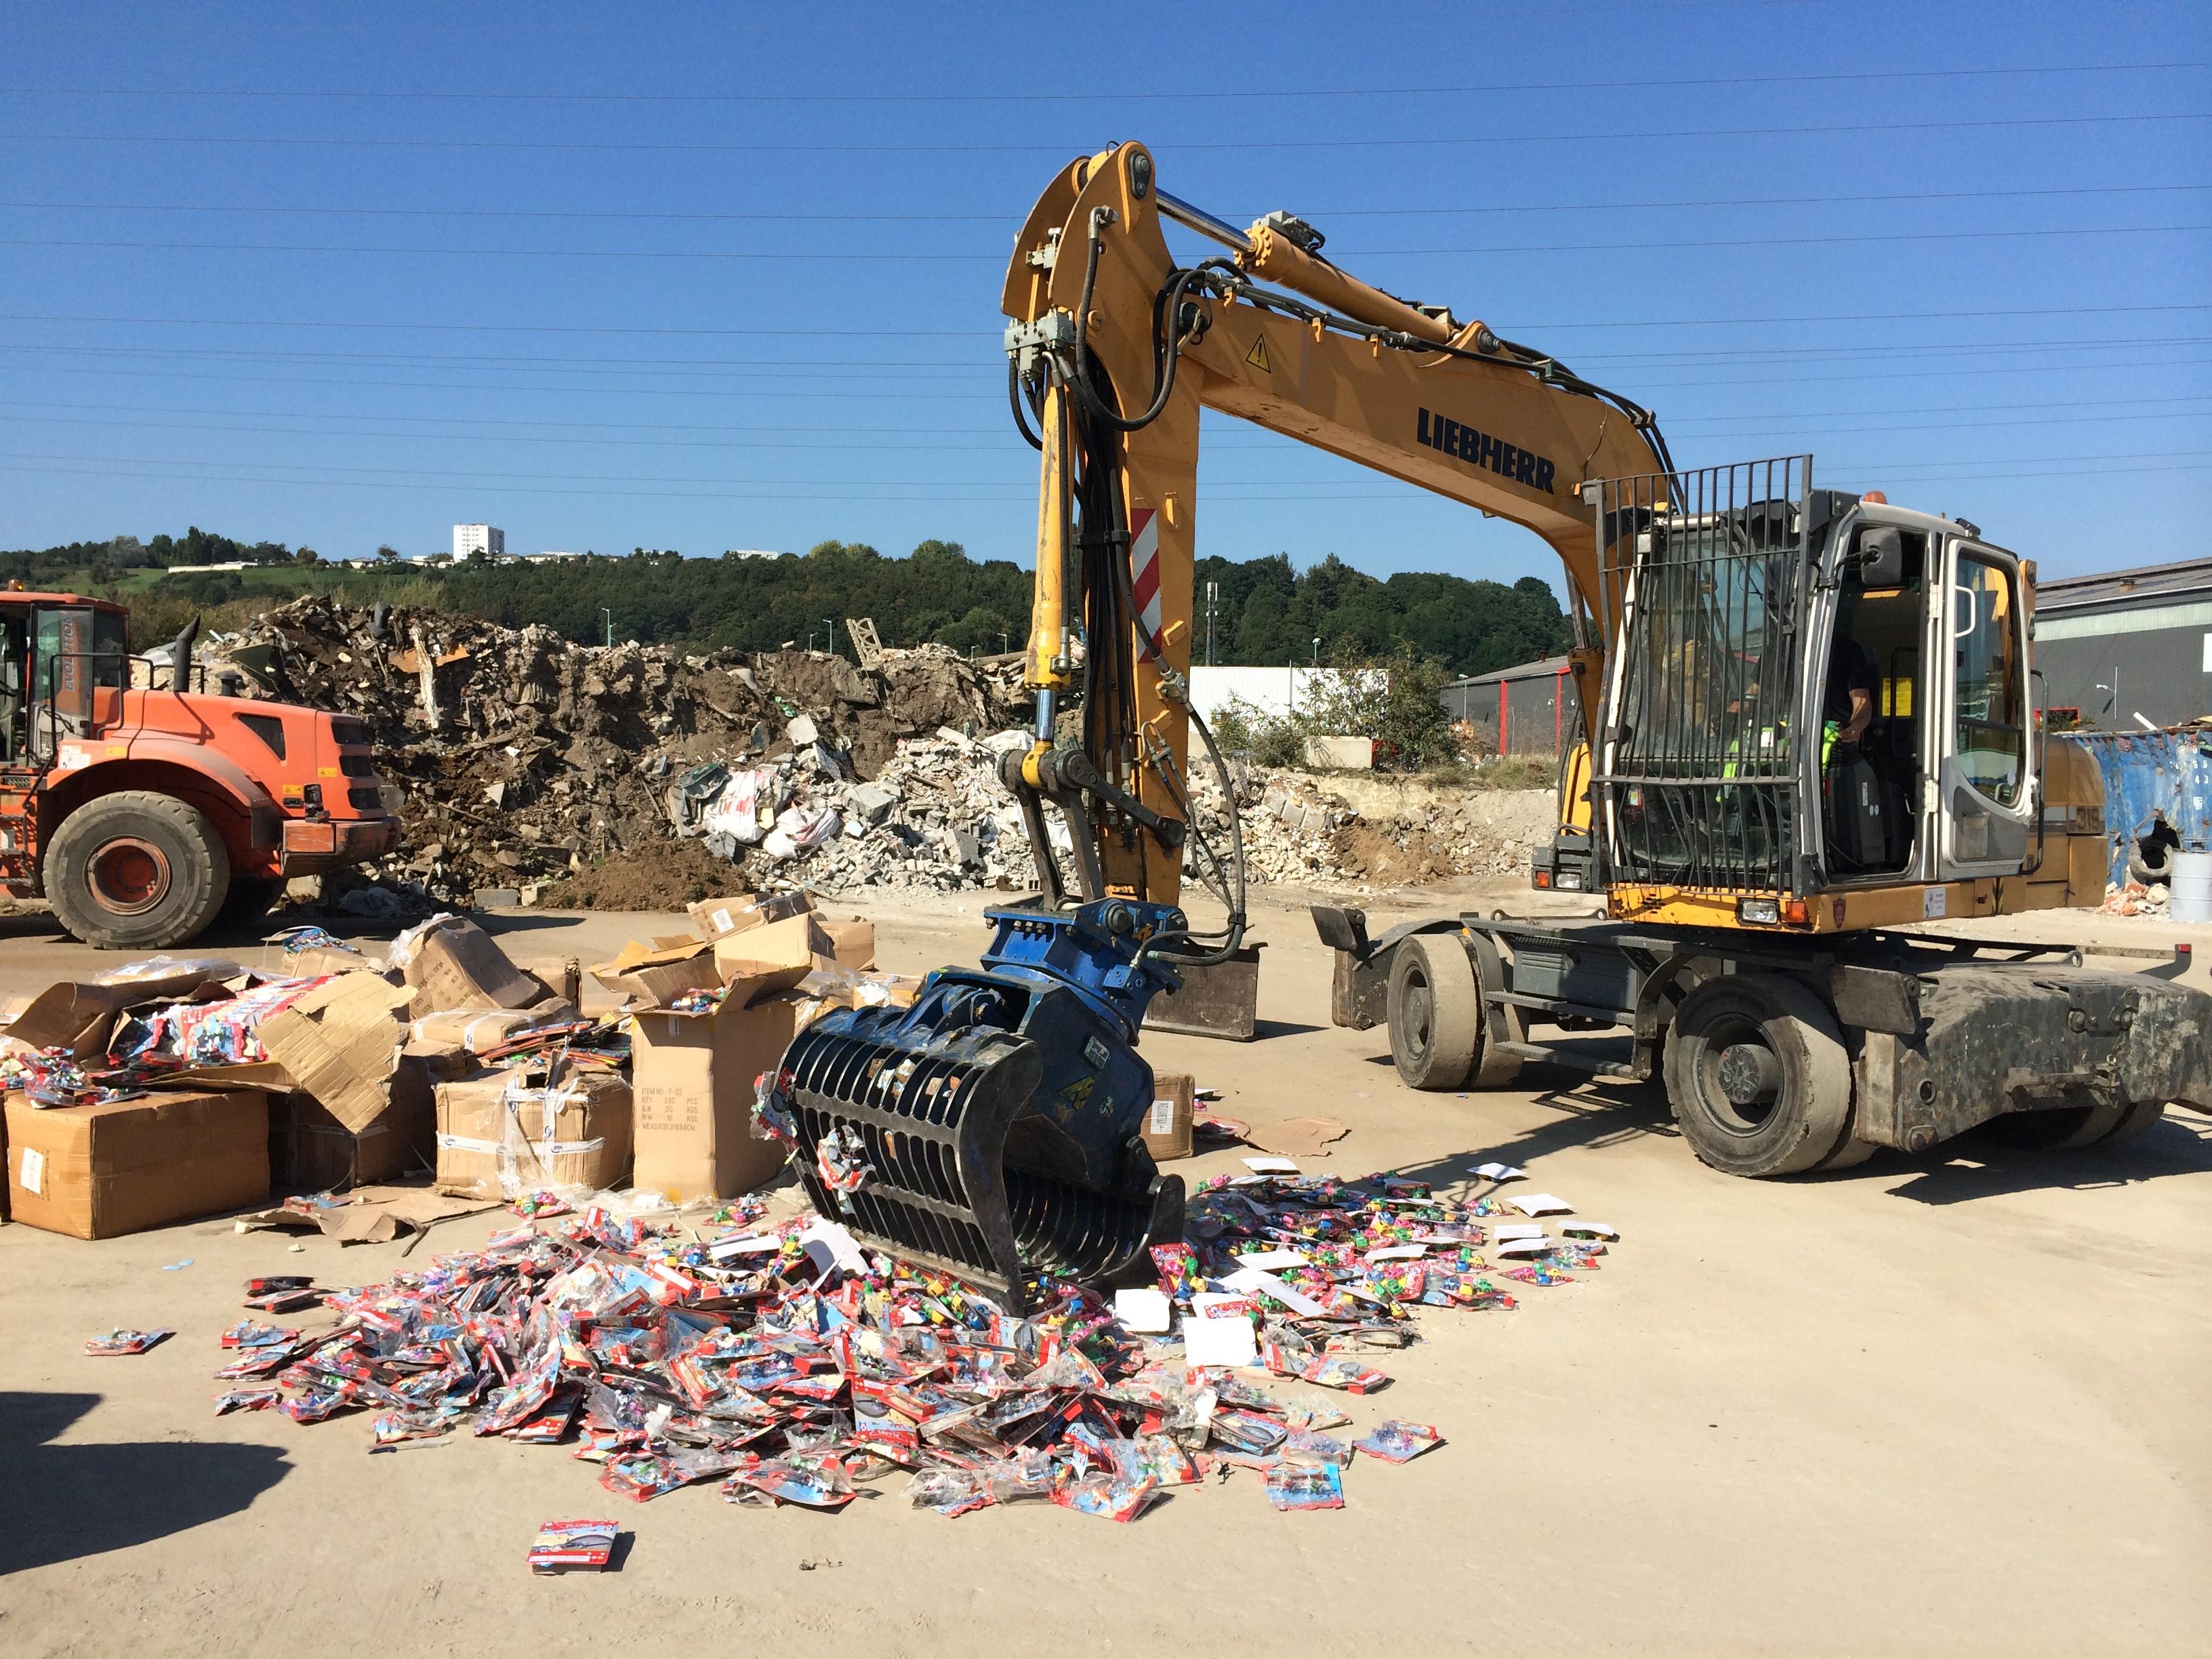 Les articles contrefaits ont été détruits aujourd'hui lundi dans un centre spécialisé sous le contrôle des douaniers du Havre (Photo DR)